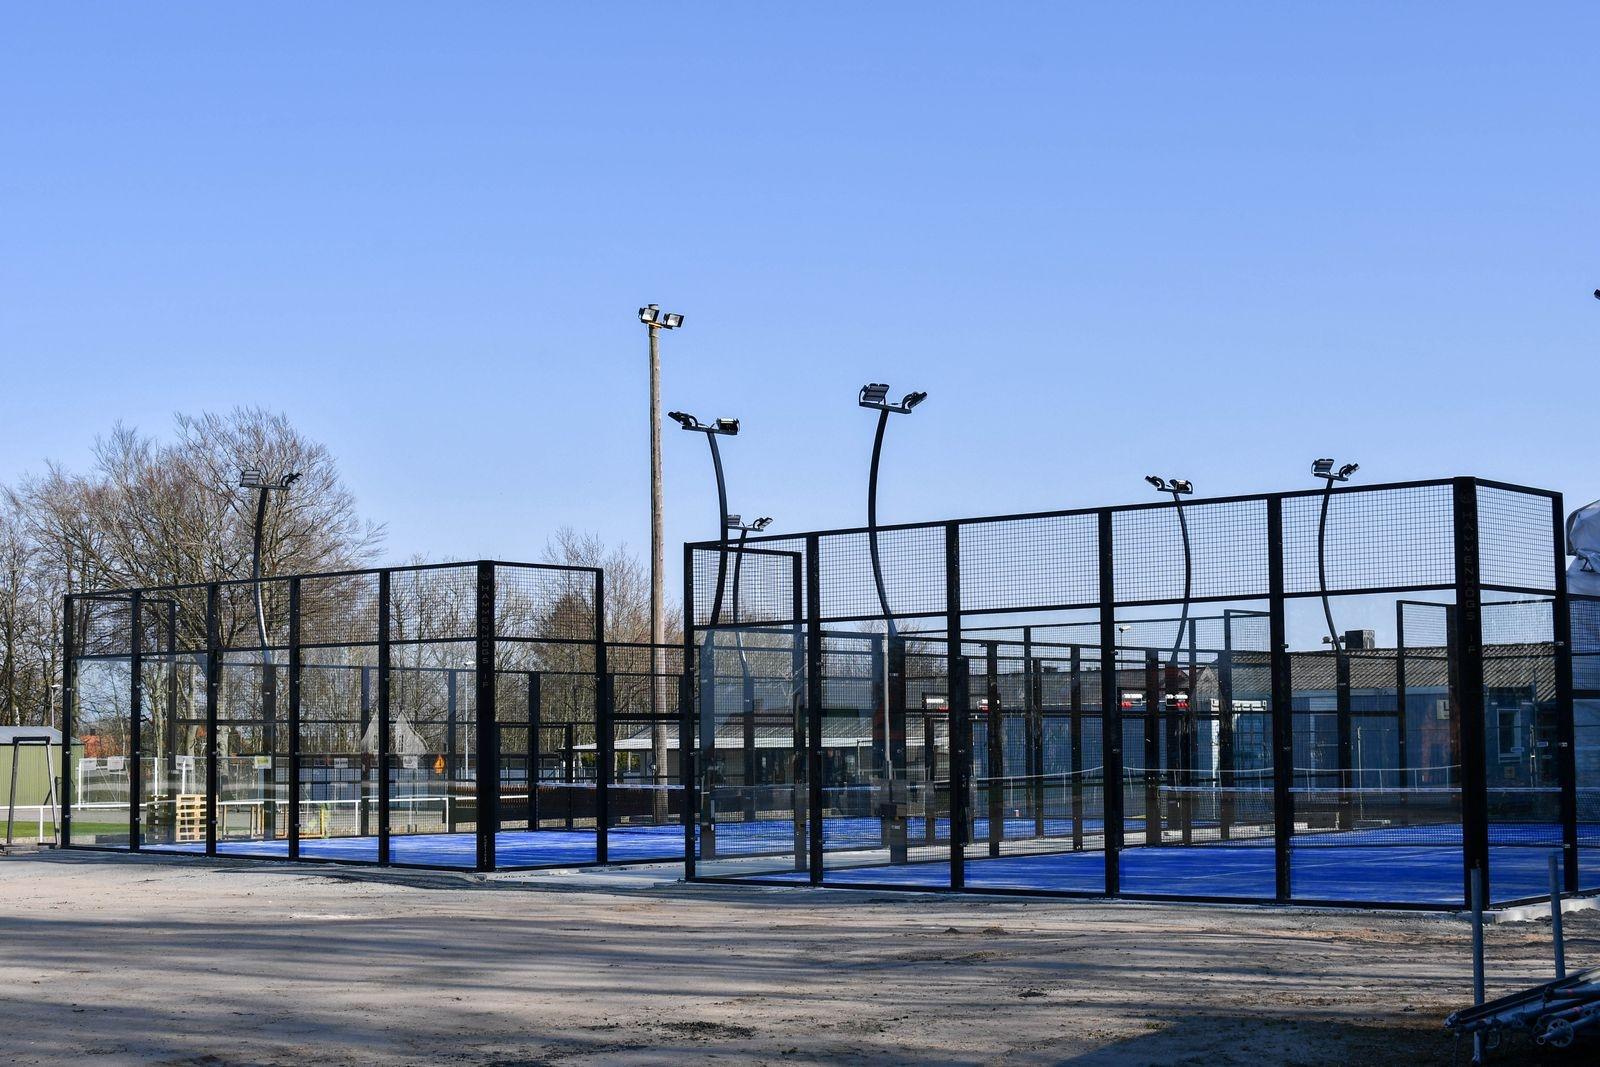 De två nya banorna på idrottsplatsen i Hammenhög stod klara i förra veckan.